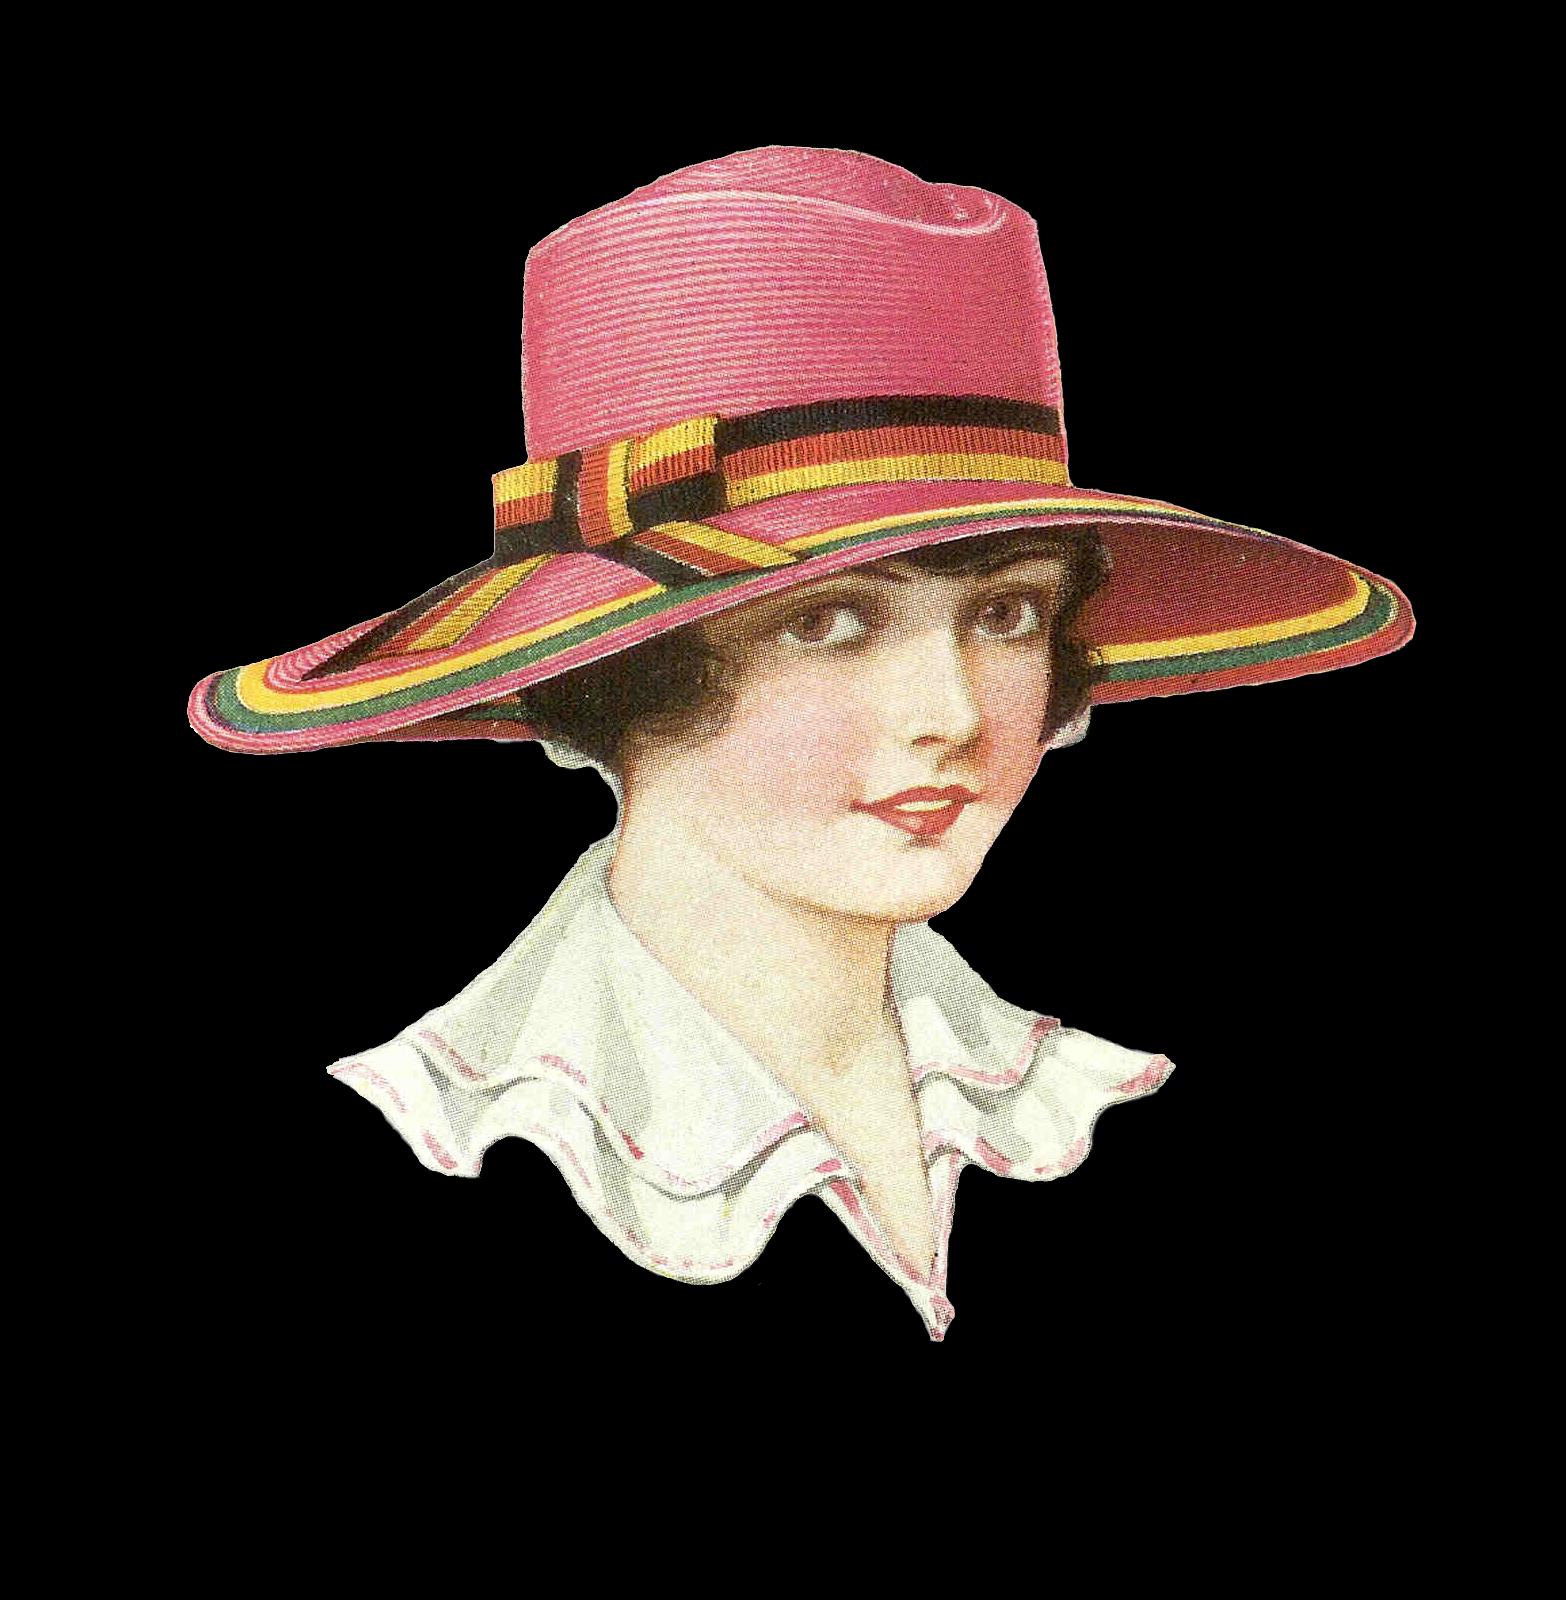 Antique images free fashion. Tea clipart women's